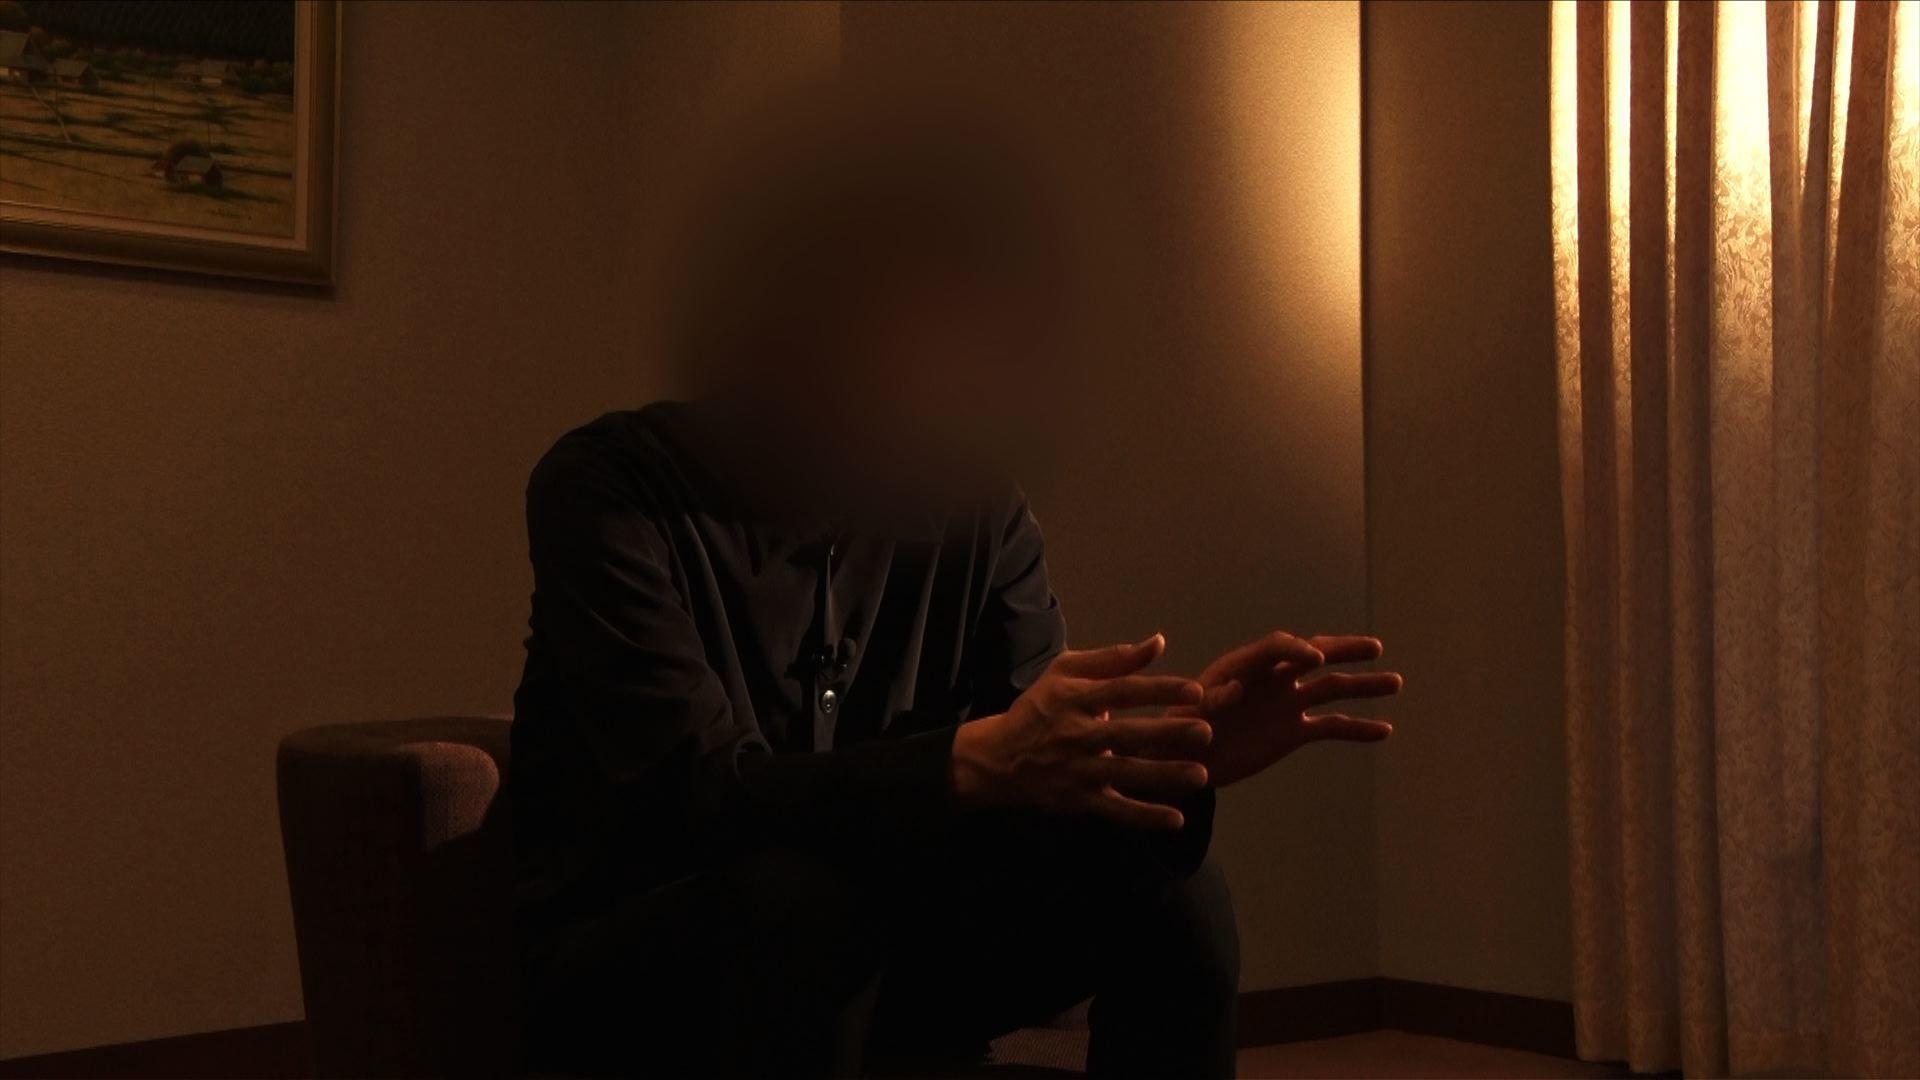 林真須美の長男がツィッターを始めて支援者が後を絶たない。冤罪説は本当なのか?